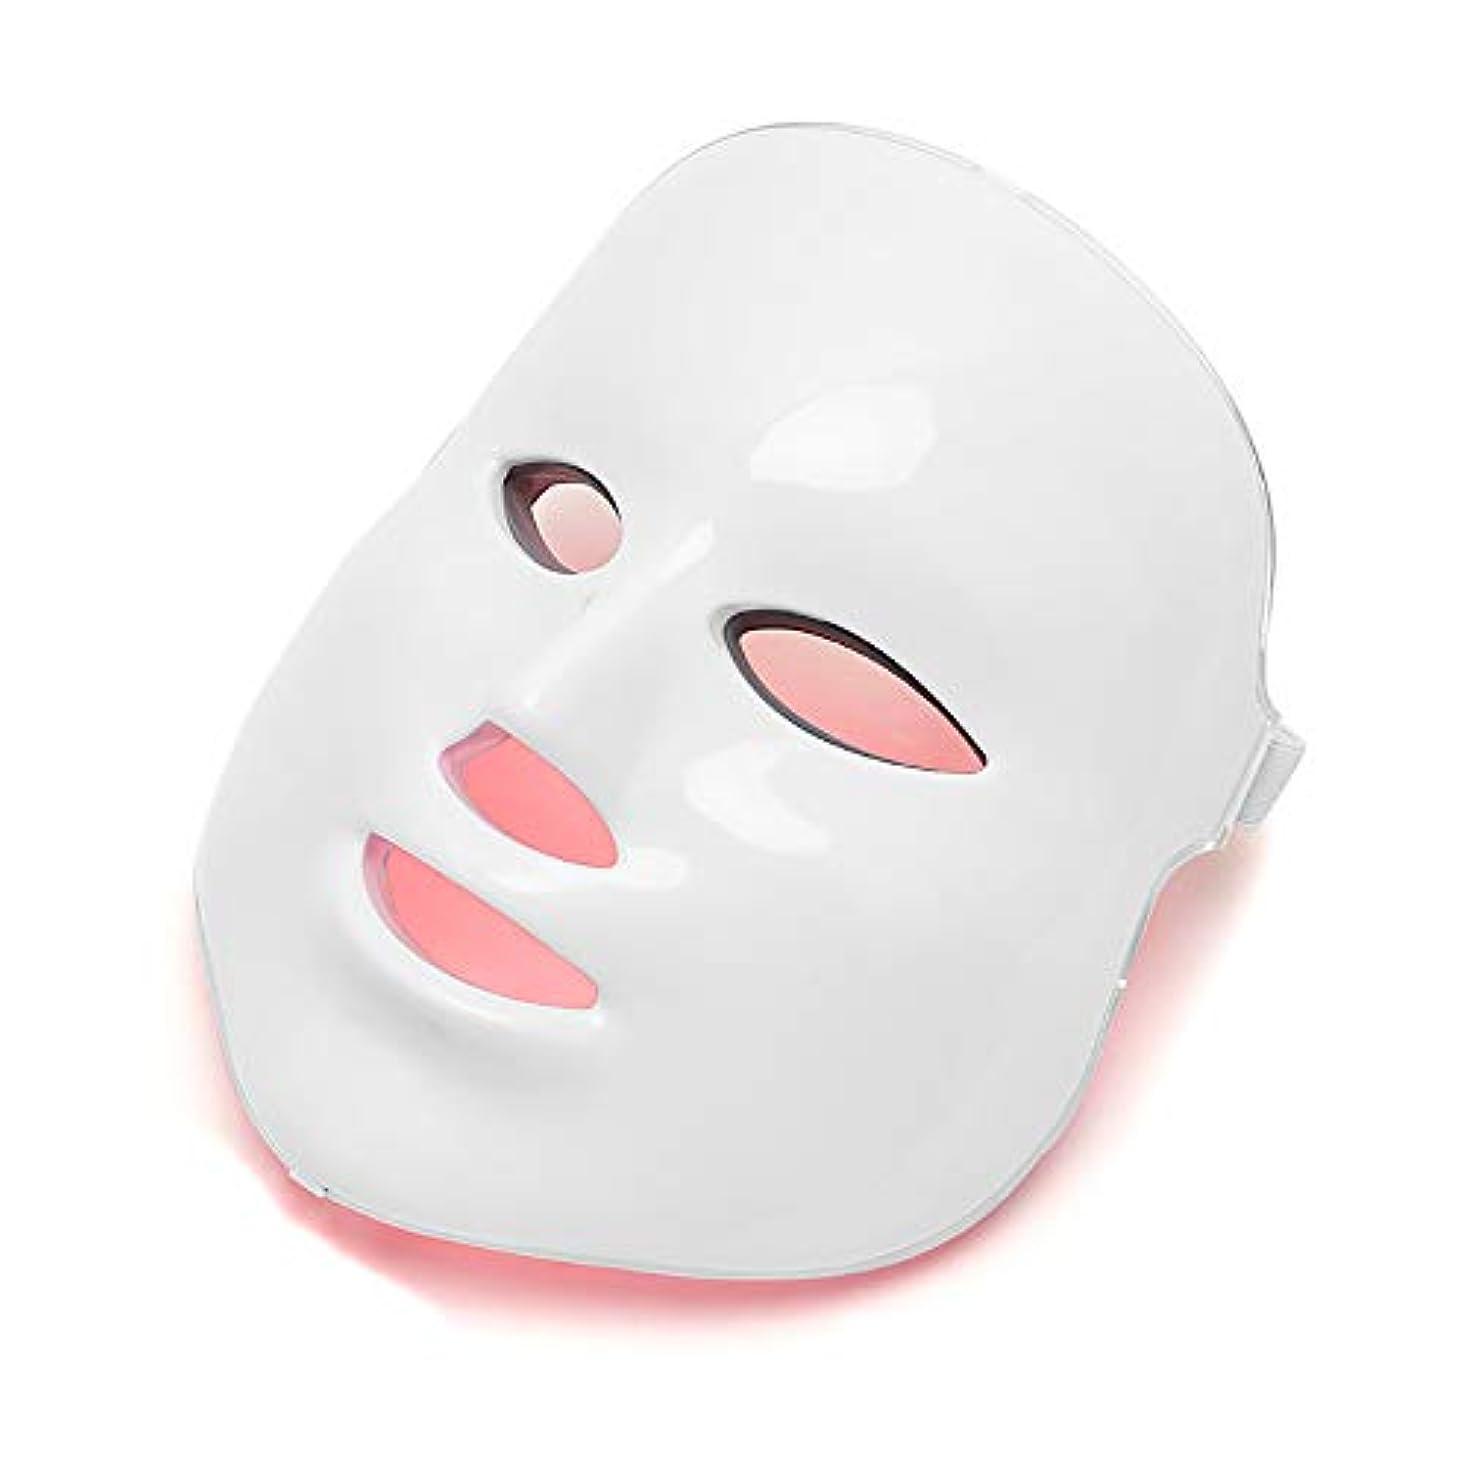 合法スリチンモイスリム7色の顔のマスクLED顔のマスクLEDの顔のマスクの美は導かれた顔のマスクの美機械を導きました